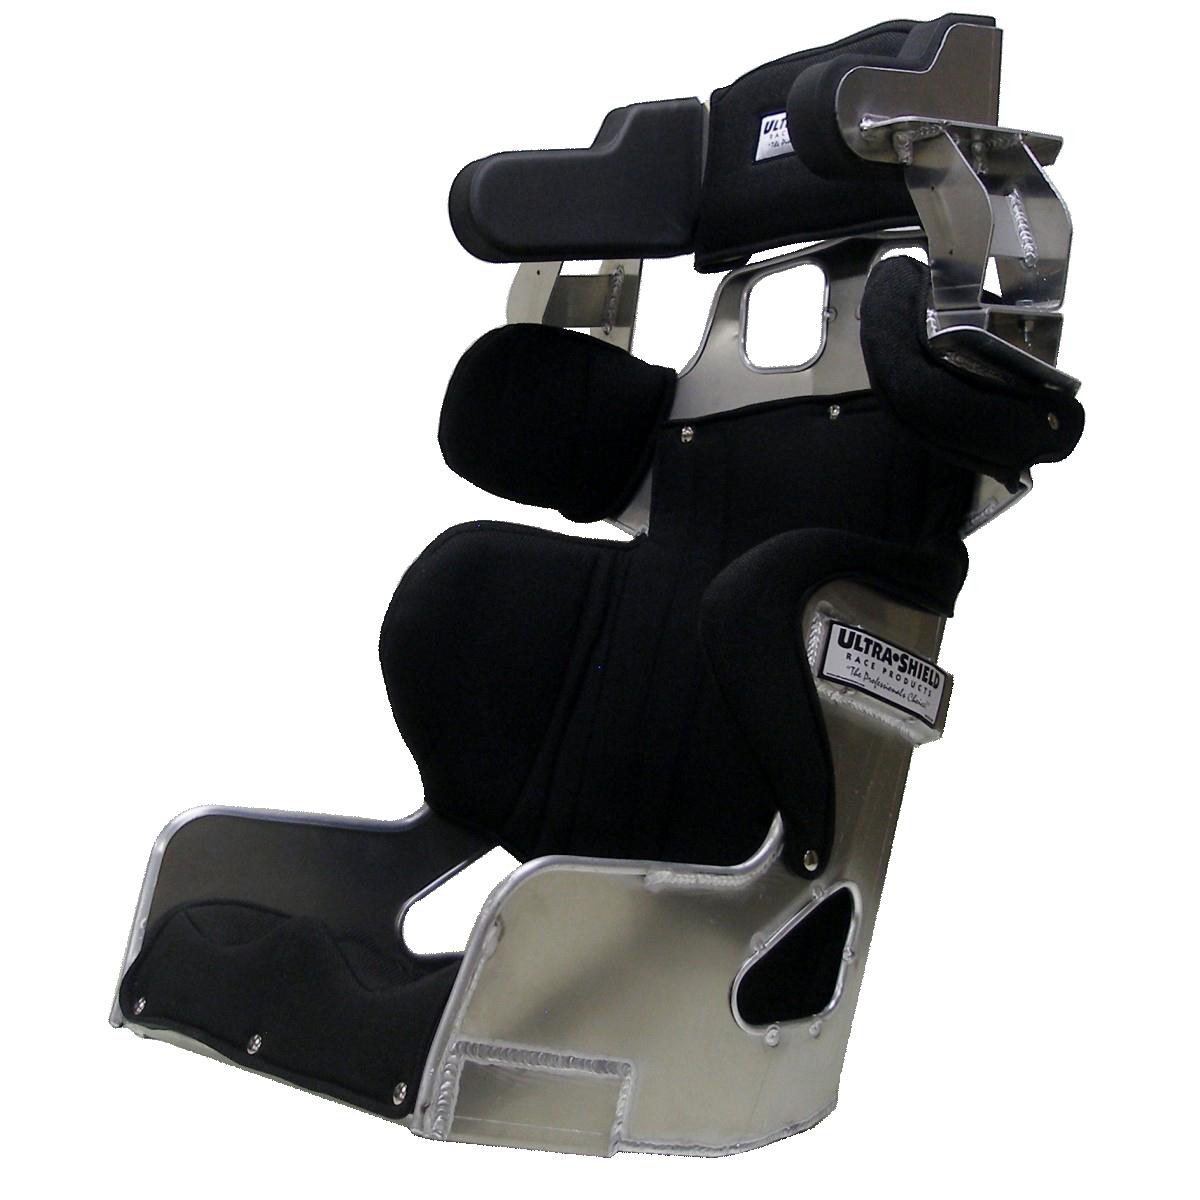 14in VS Halo Seat W/CVR 20 Degree 2019